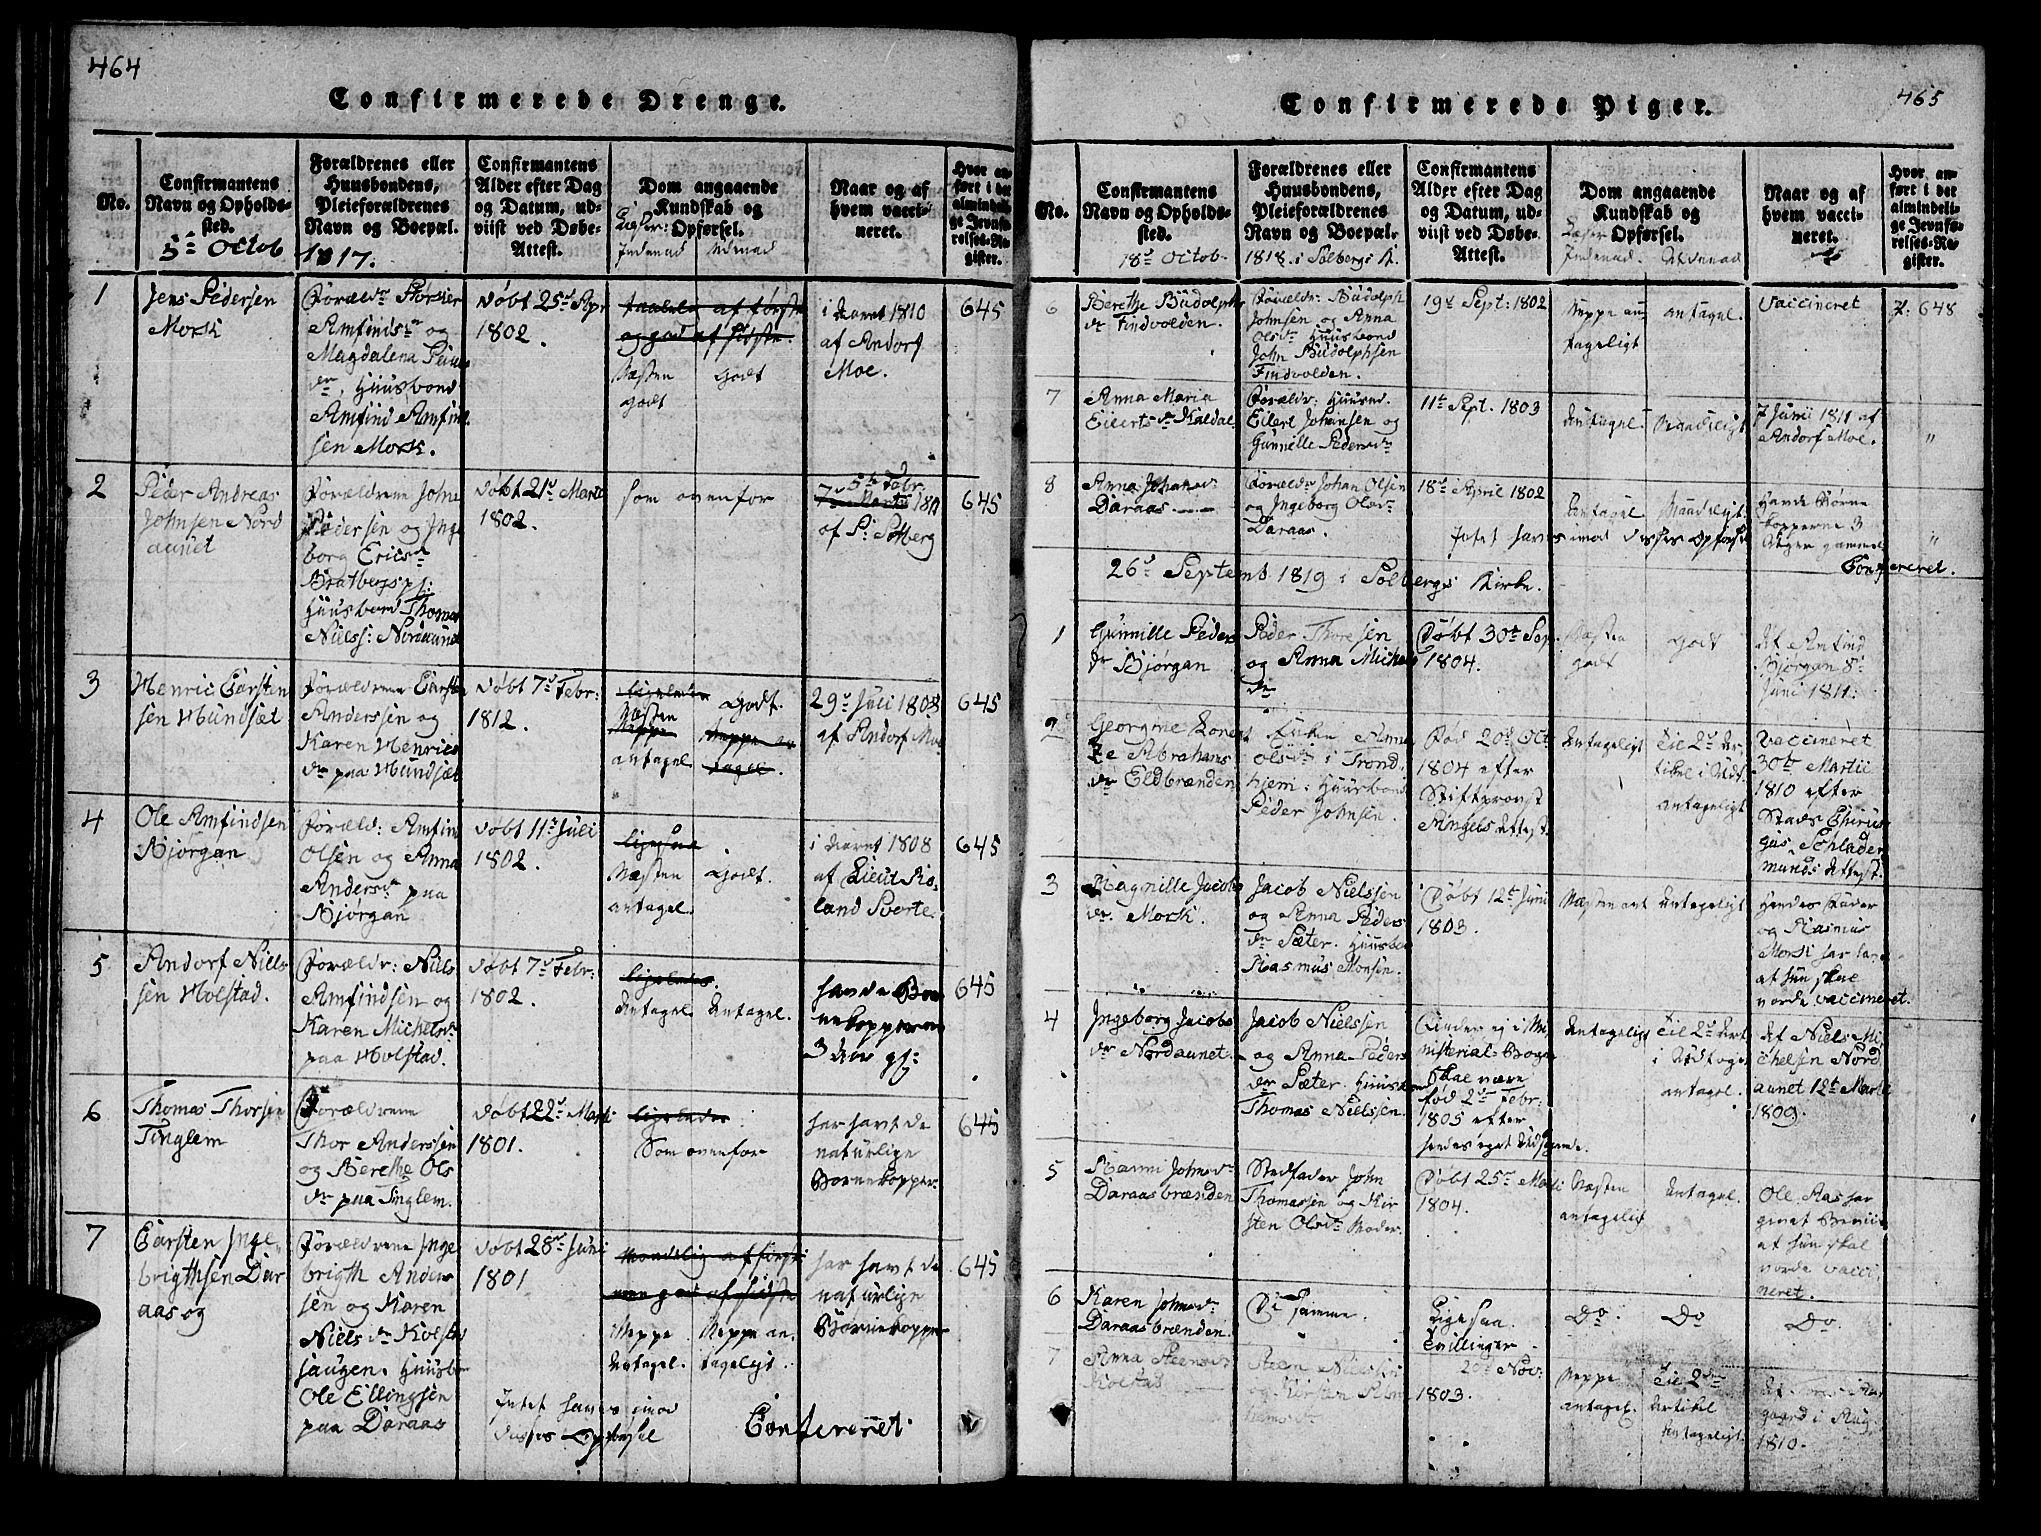 SAT, Ministerialprotokoller, klokkerbøker og fødselsregistre - Nord-Trøndelag, 742/L0411: Klokkerbok nr. 742C02, 1817-1825, s. 464-465